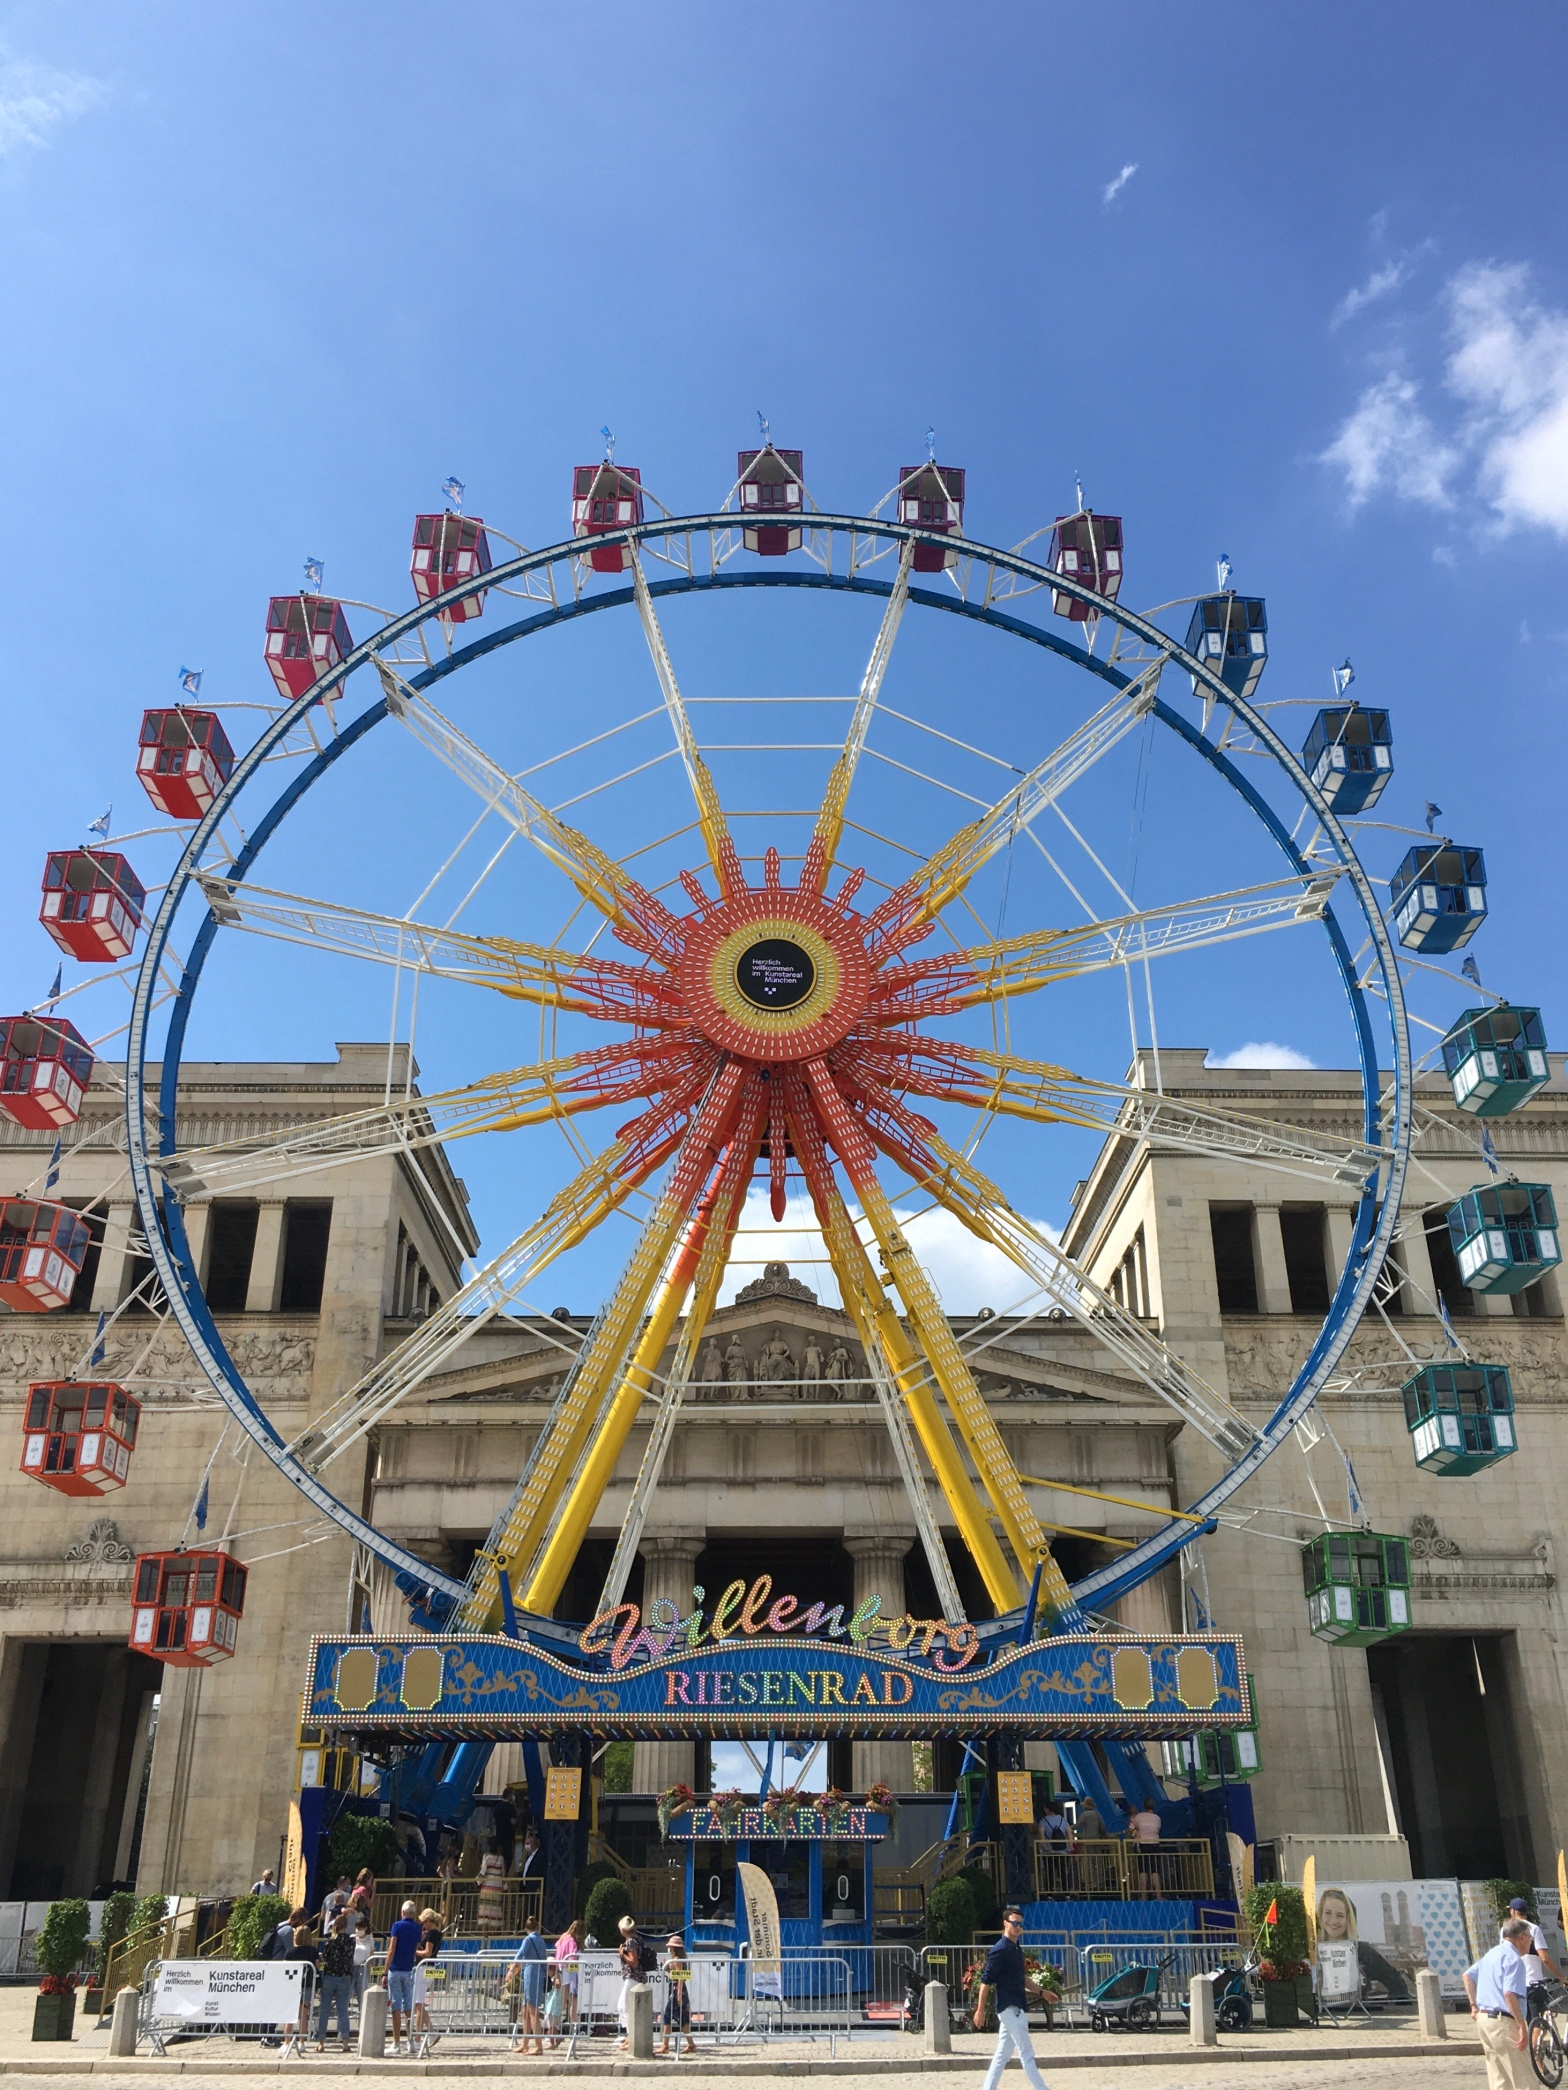 A full image of the Koningsplatz ferris wheel.